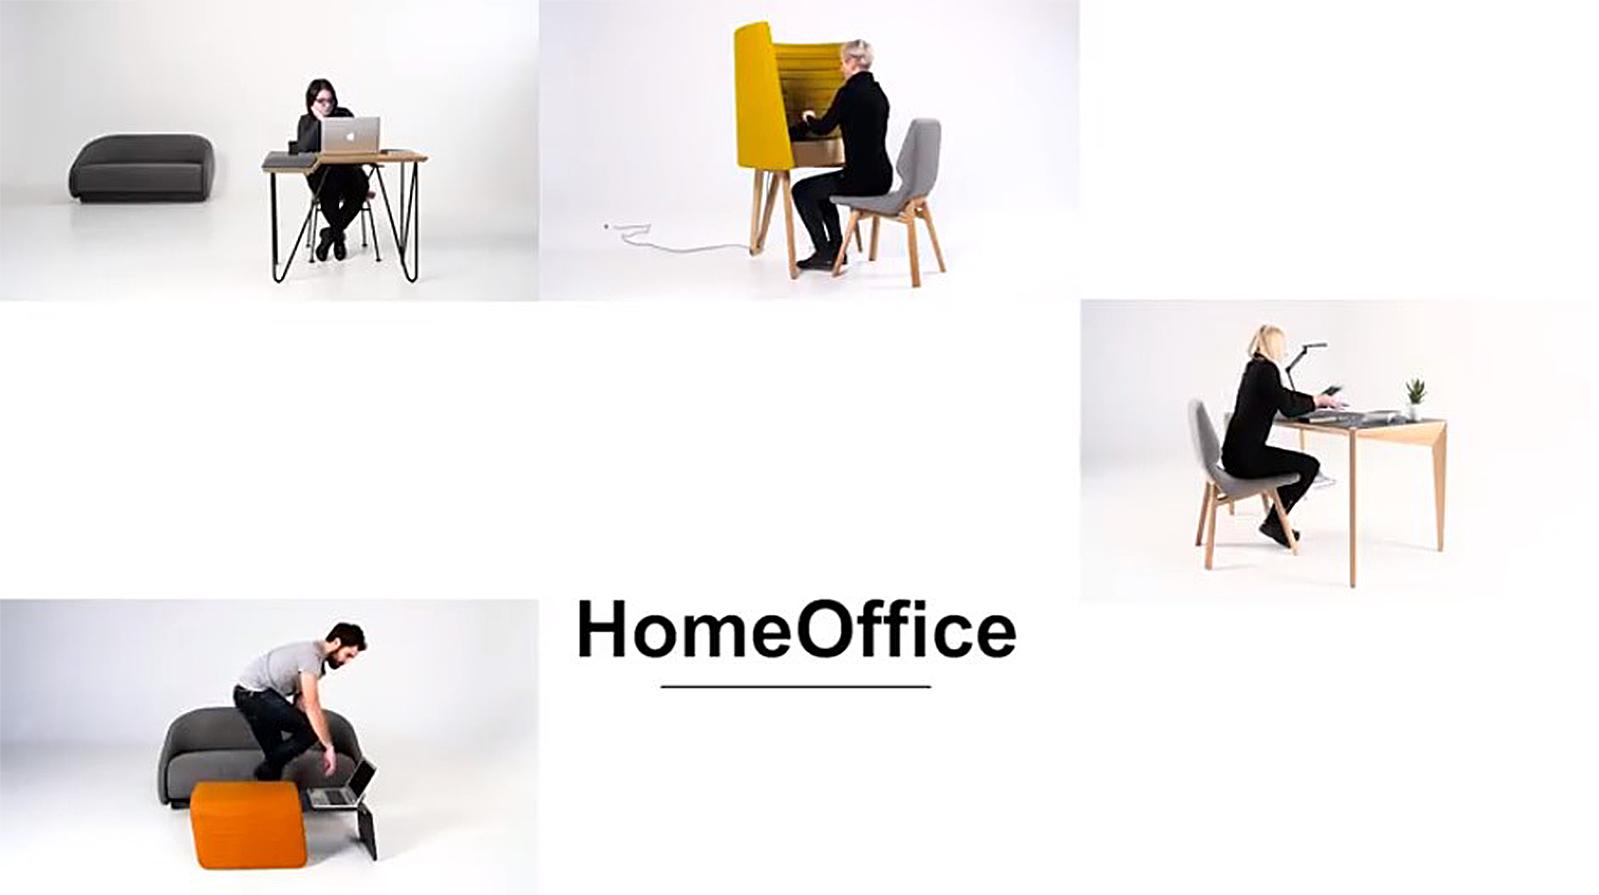 Practicing design video